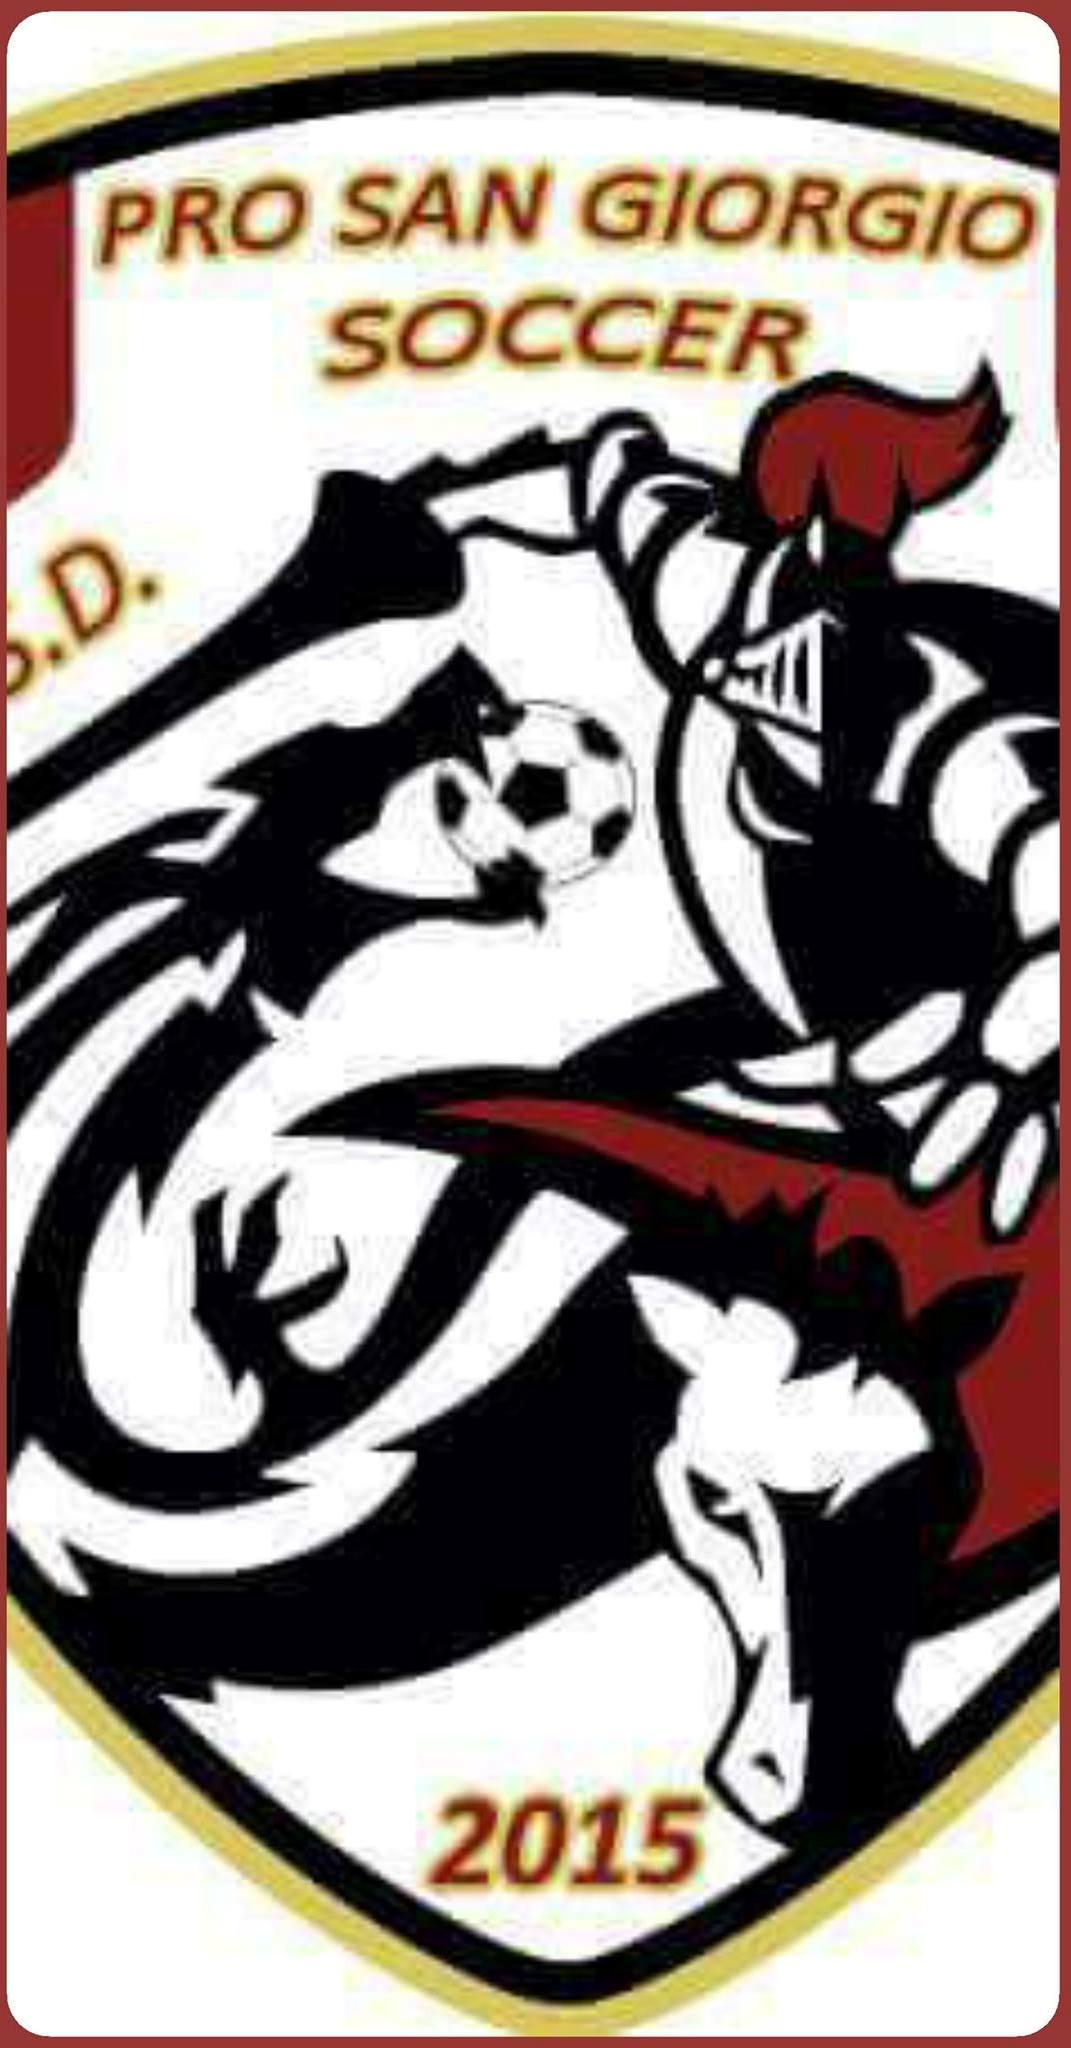 Continua la campagna di rafforzamento dell' ambiziosa Pro San Giorgio Soccer